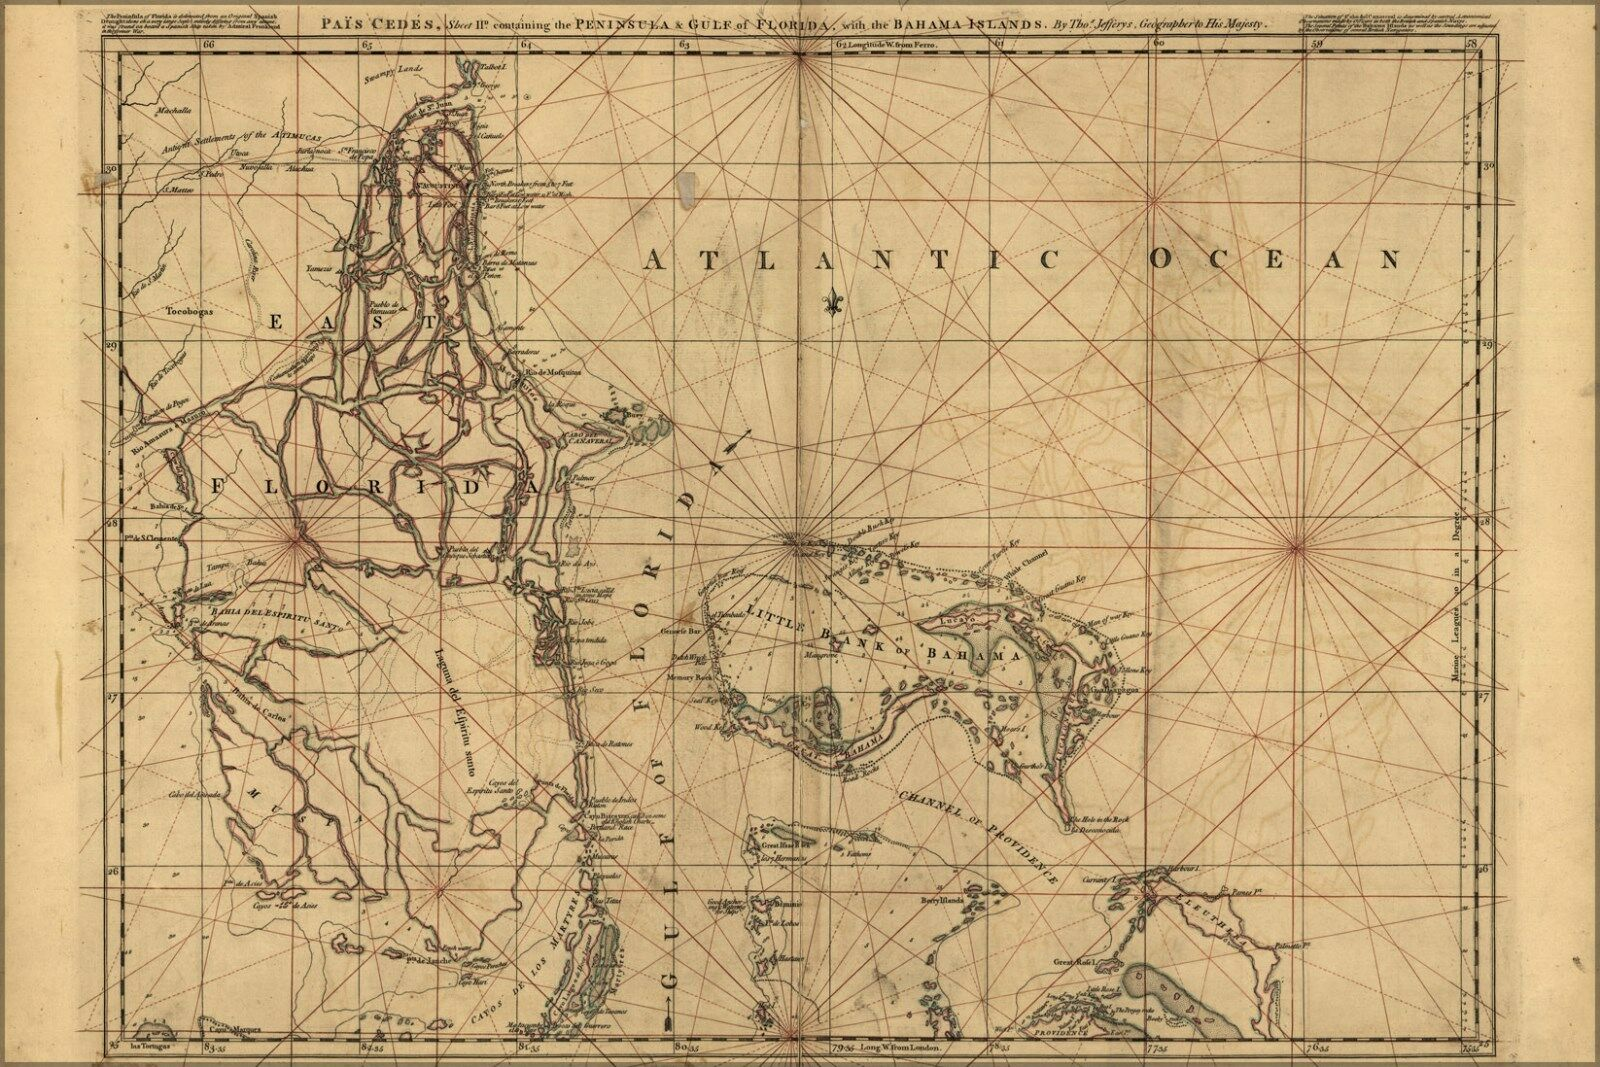 Plakat, Viele Größen; Karte von Ost Florida & Bahama Inseln 1768 P1